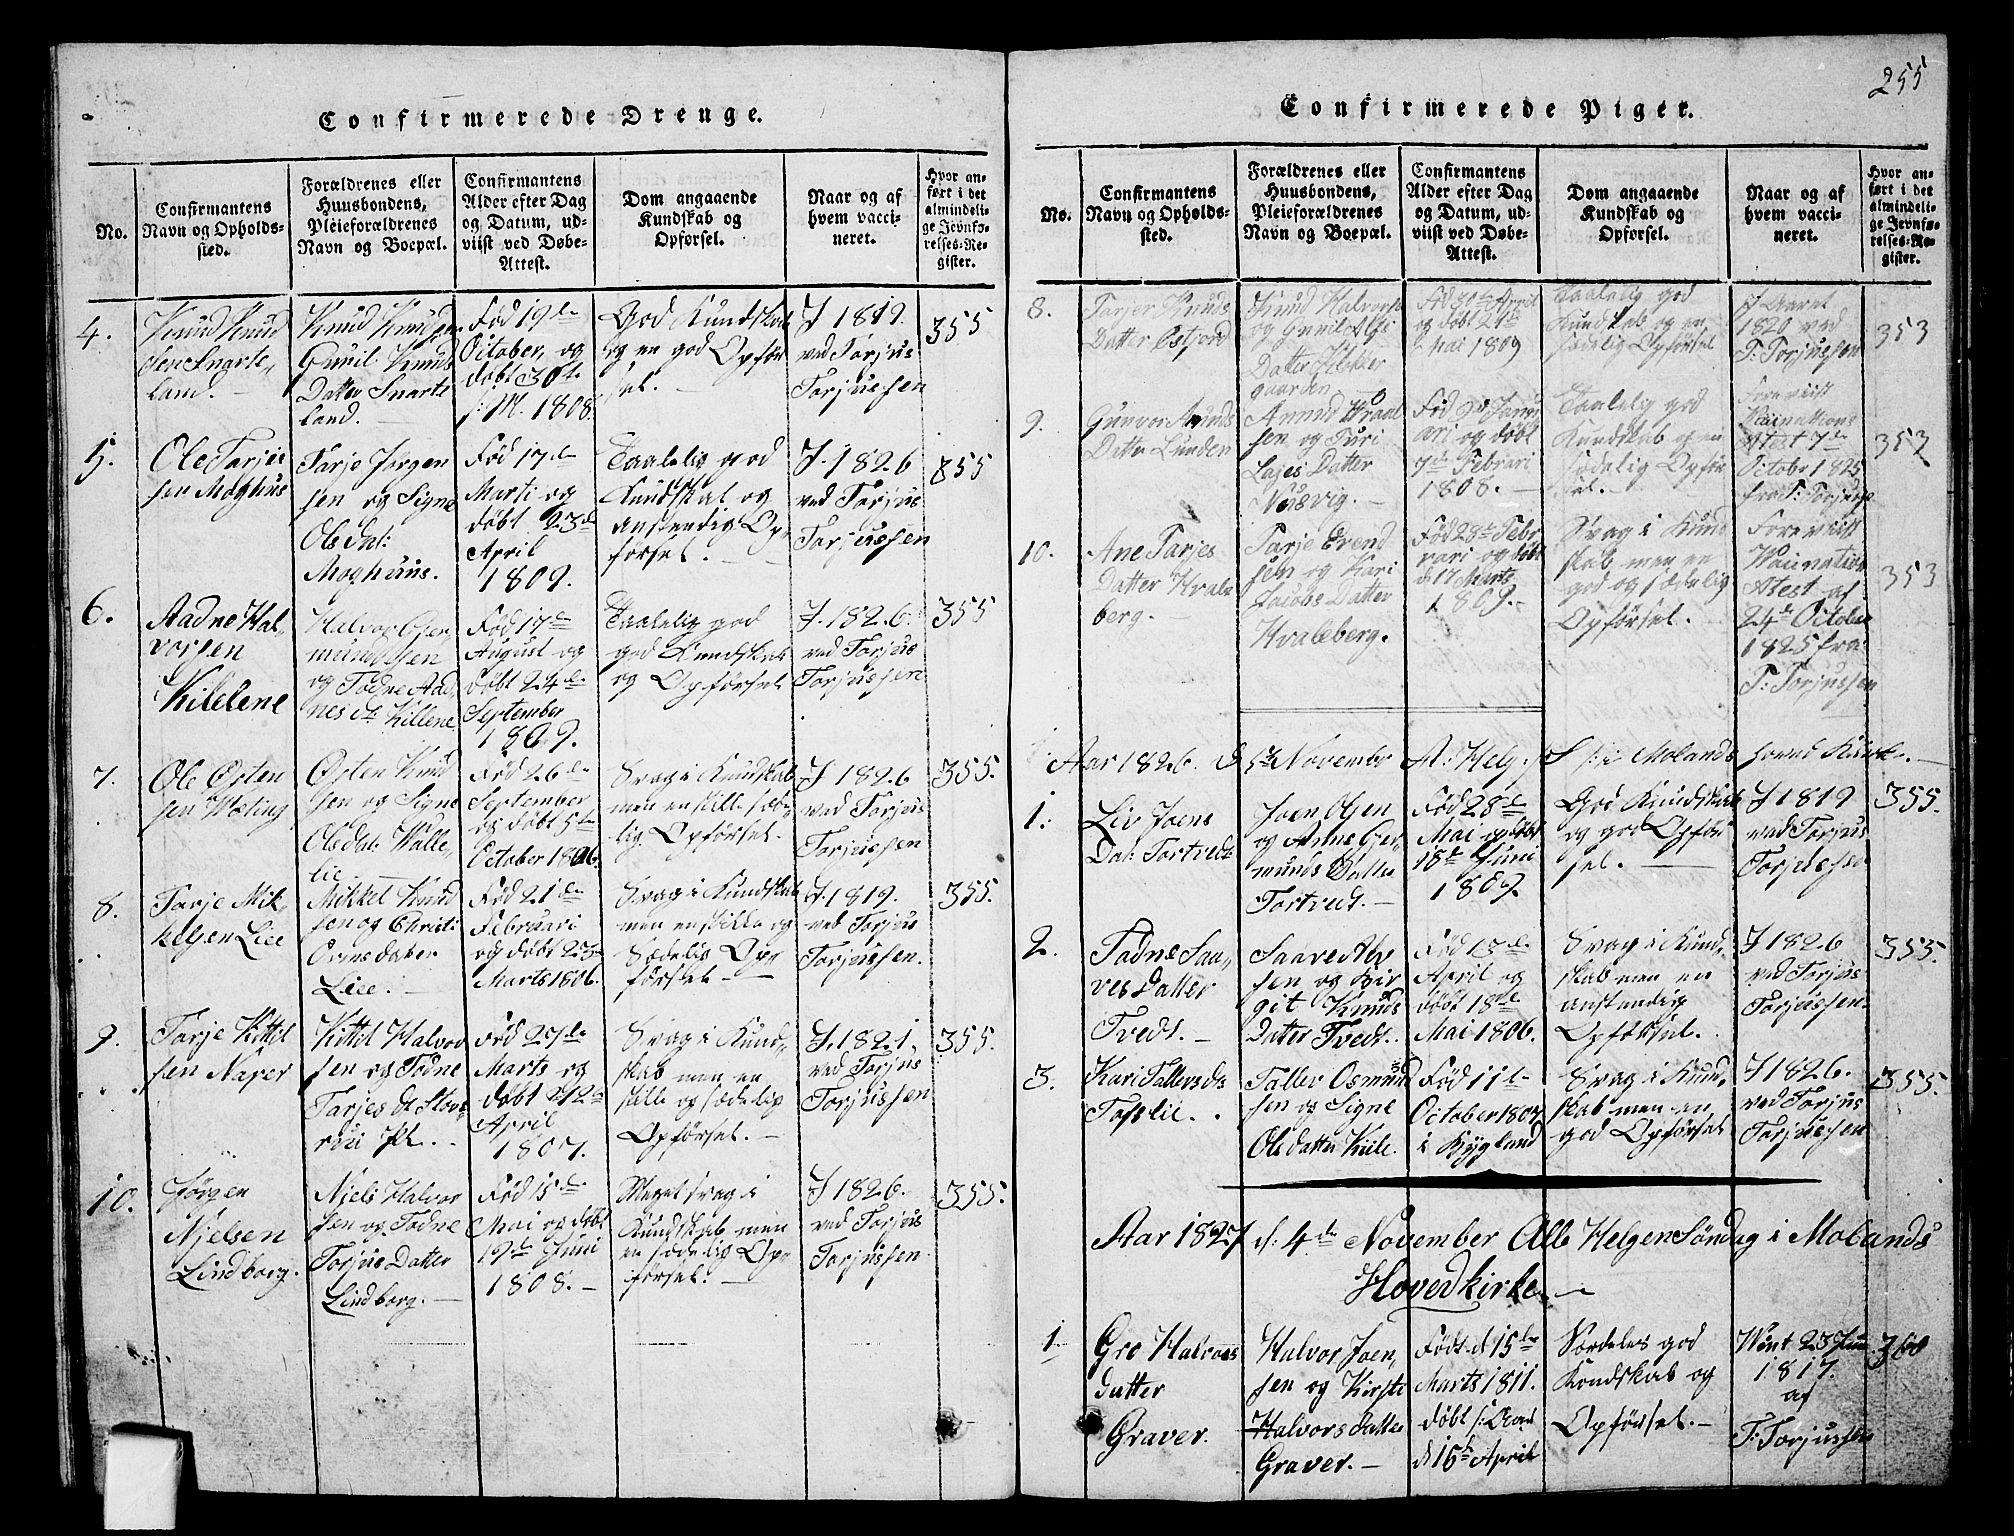 SAKO, Fyresdal kirkebøker, G/Ga/L0001: Klokkerbok nr. I 1, 1816-1840, s. 255